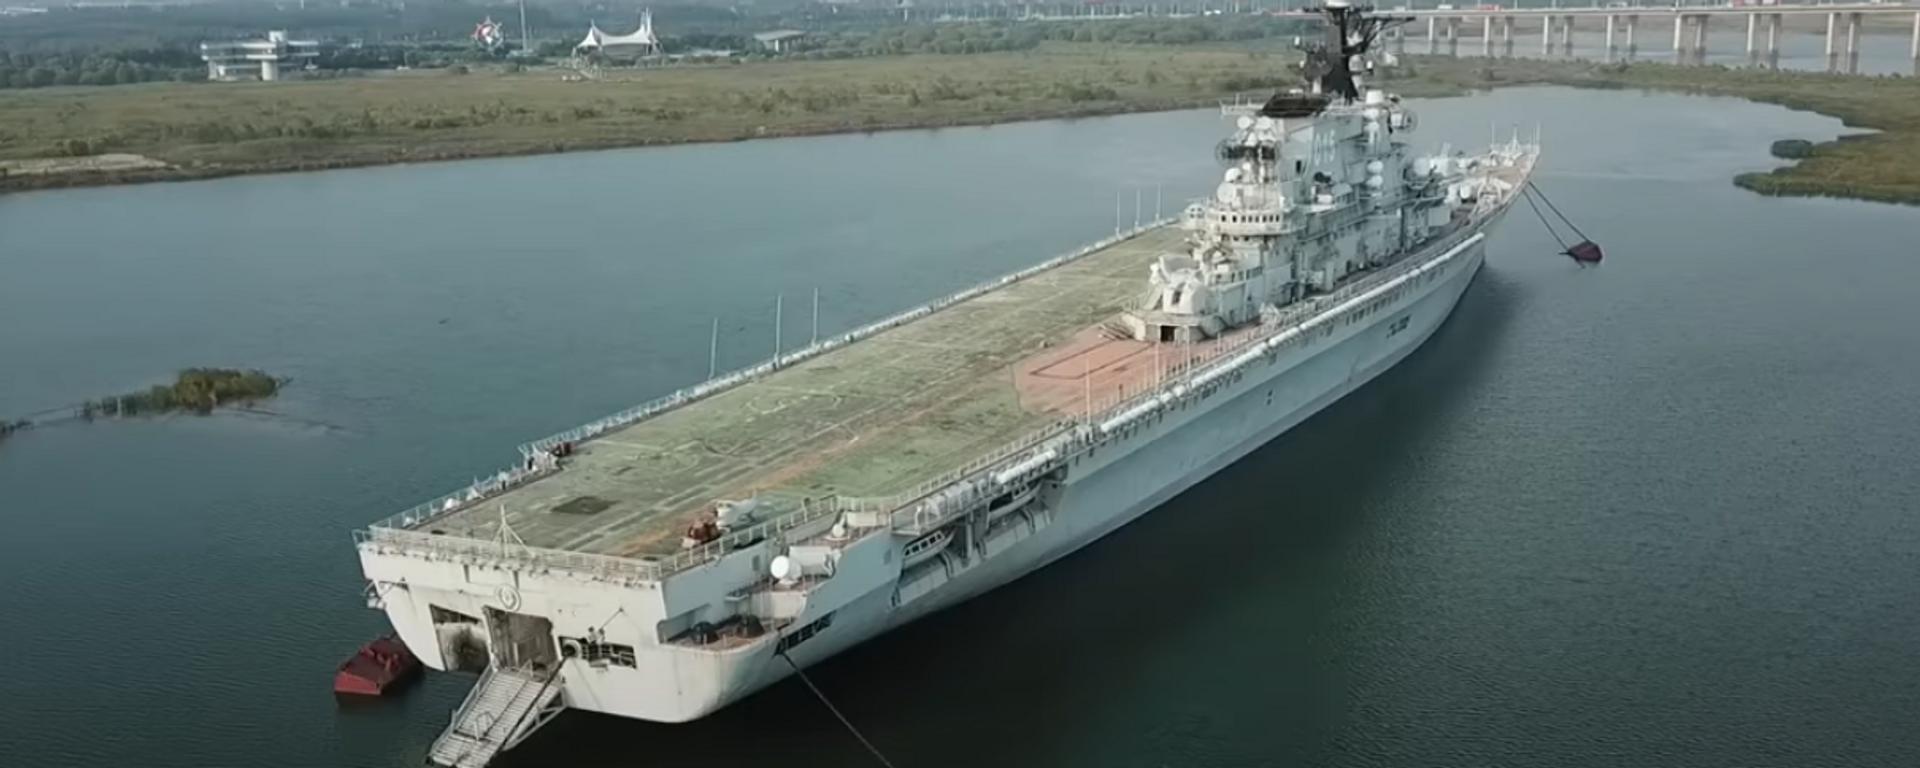 El portaaviones soviético Minsk abandonado en una laguna artificial en China - Sputnik Mundo, 1920, 23.04.2021